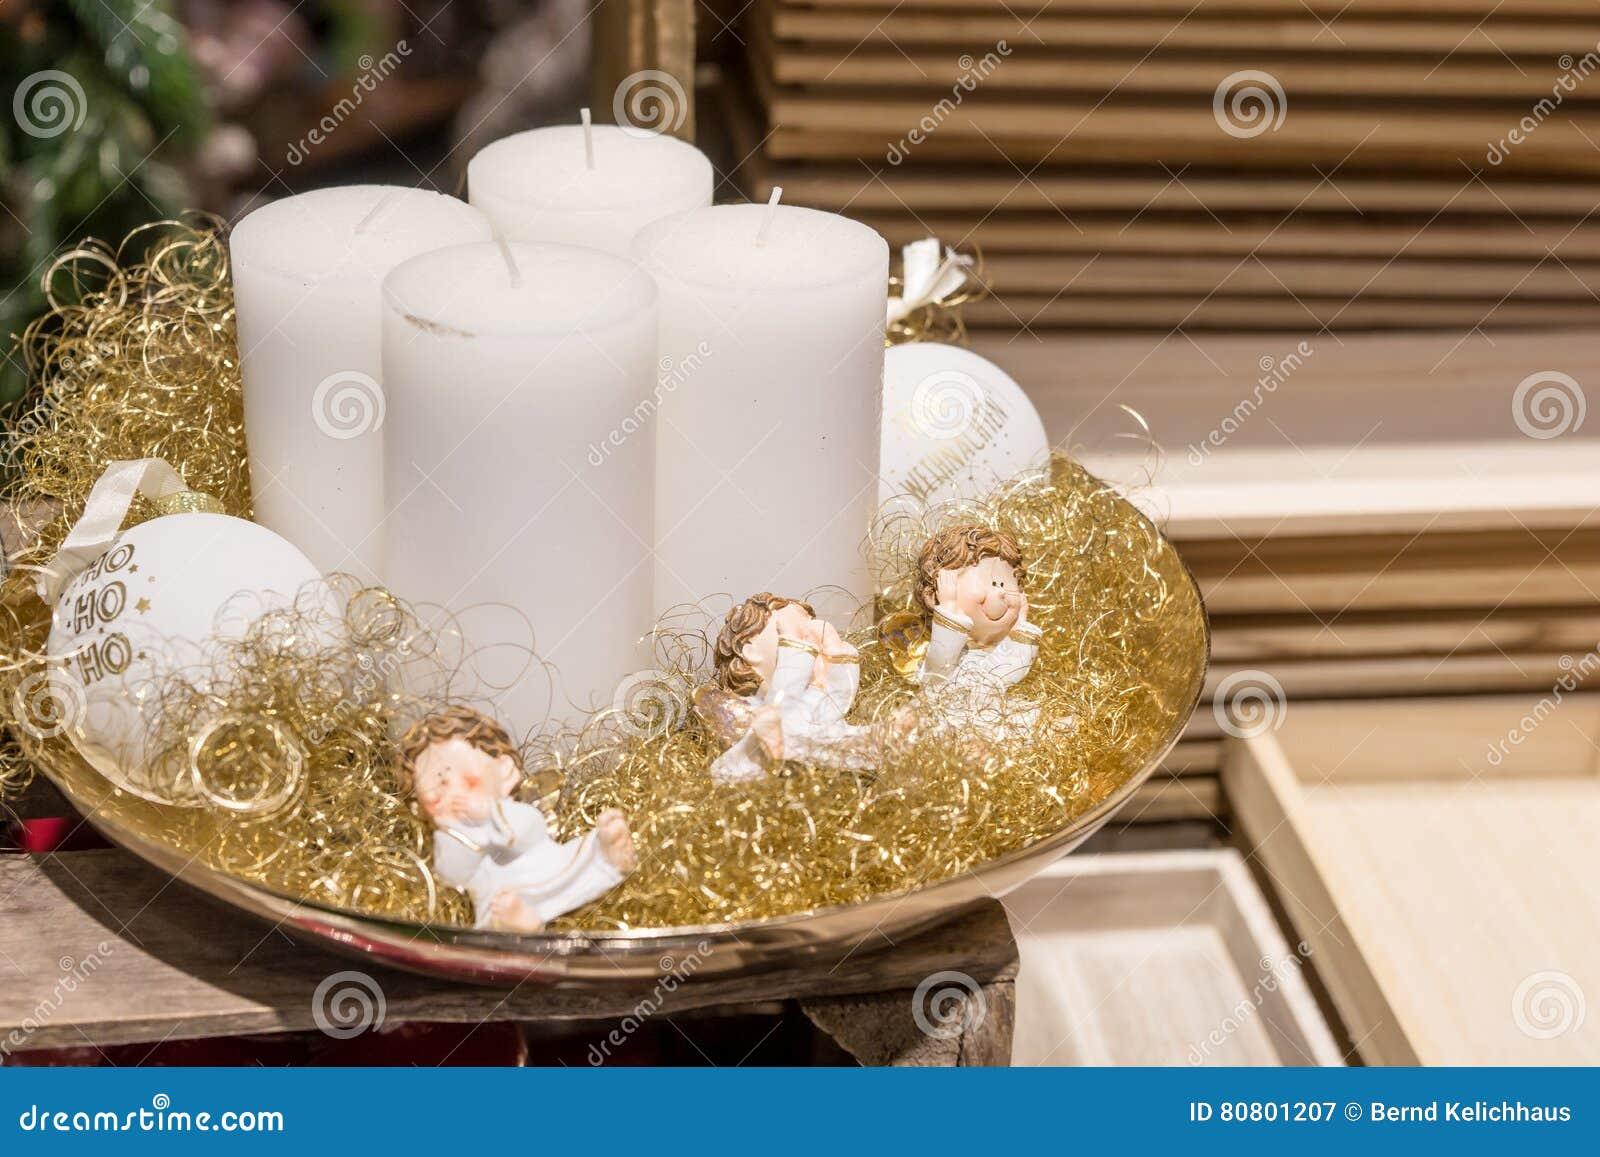 Decorare Candele Bianche : Quattro candele bianche sul piatto con gli angeli immagine